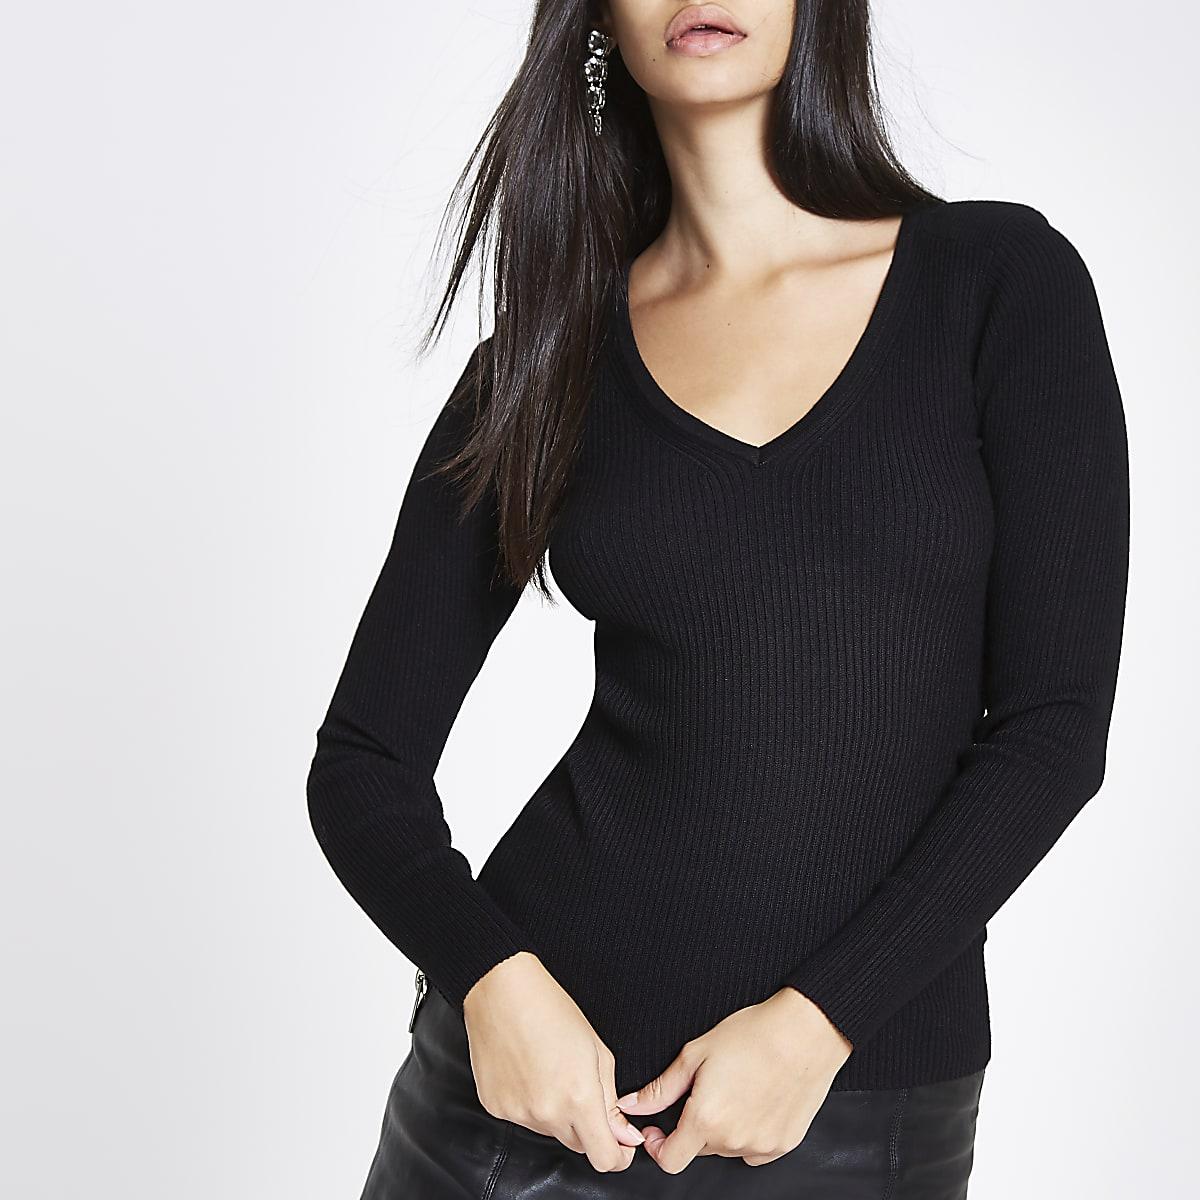 Black knit ribbed shoulder padded V neck top